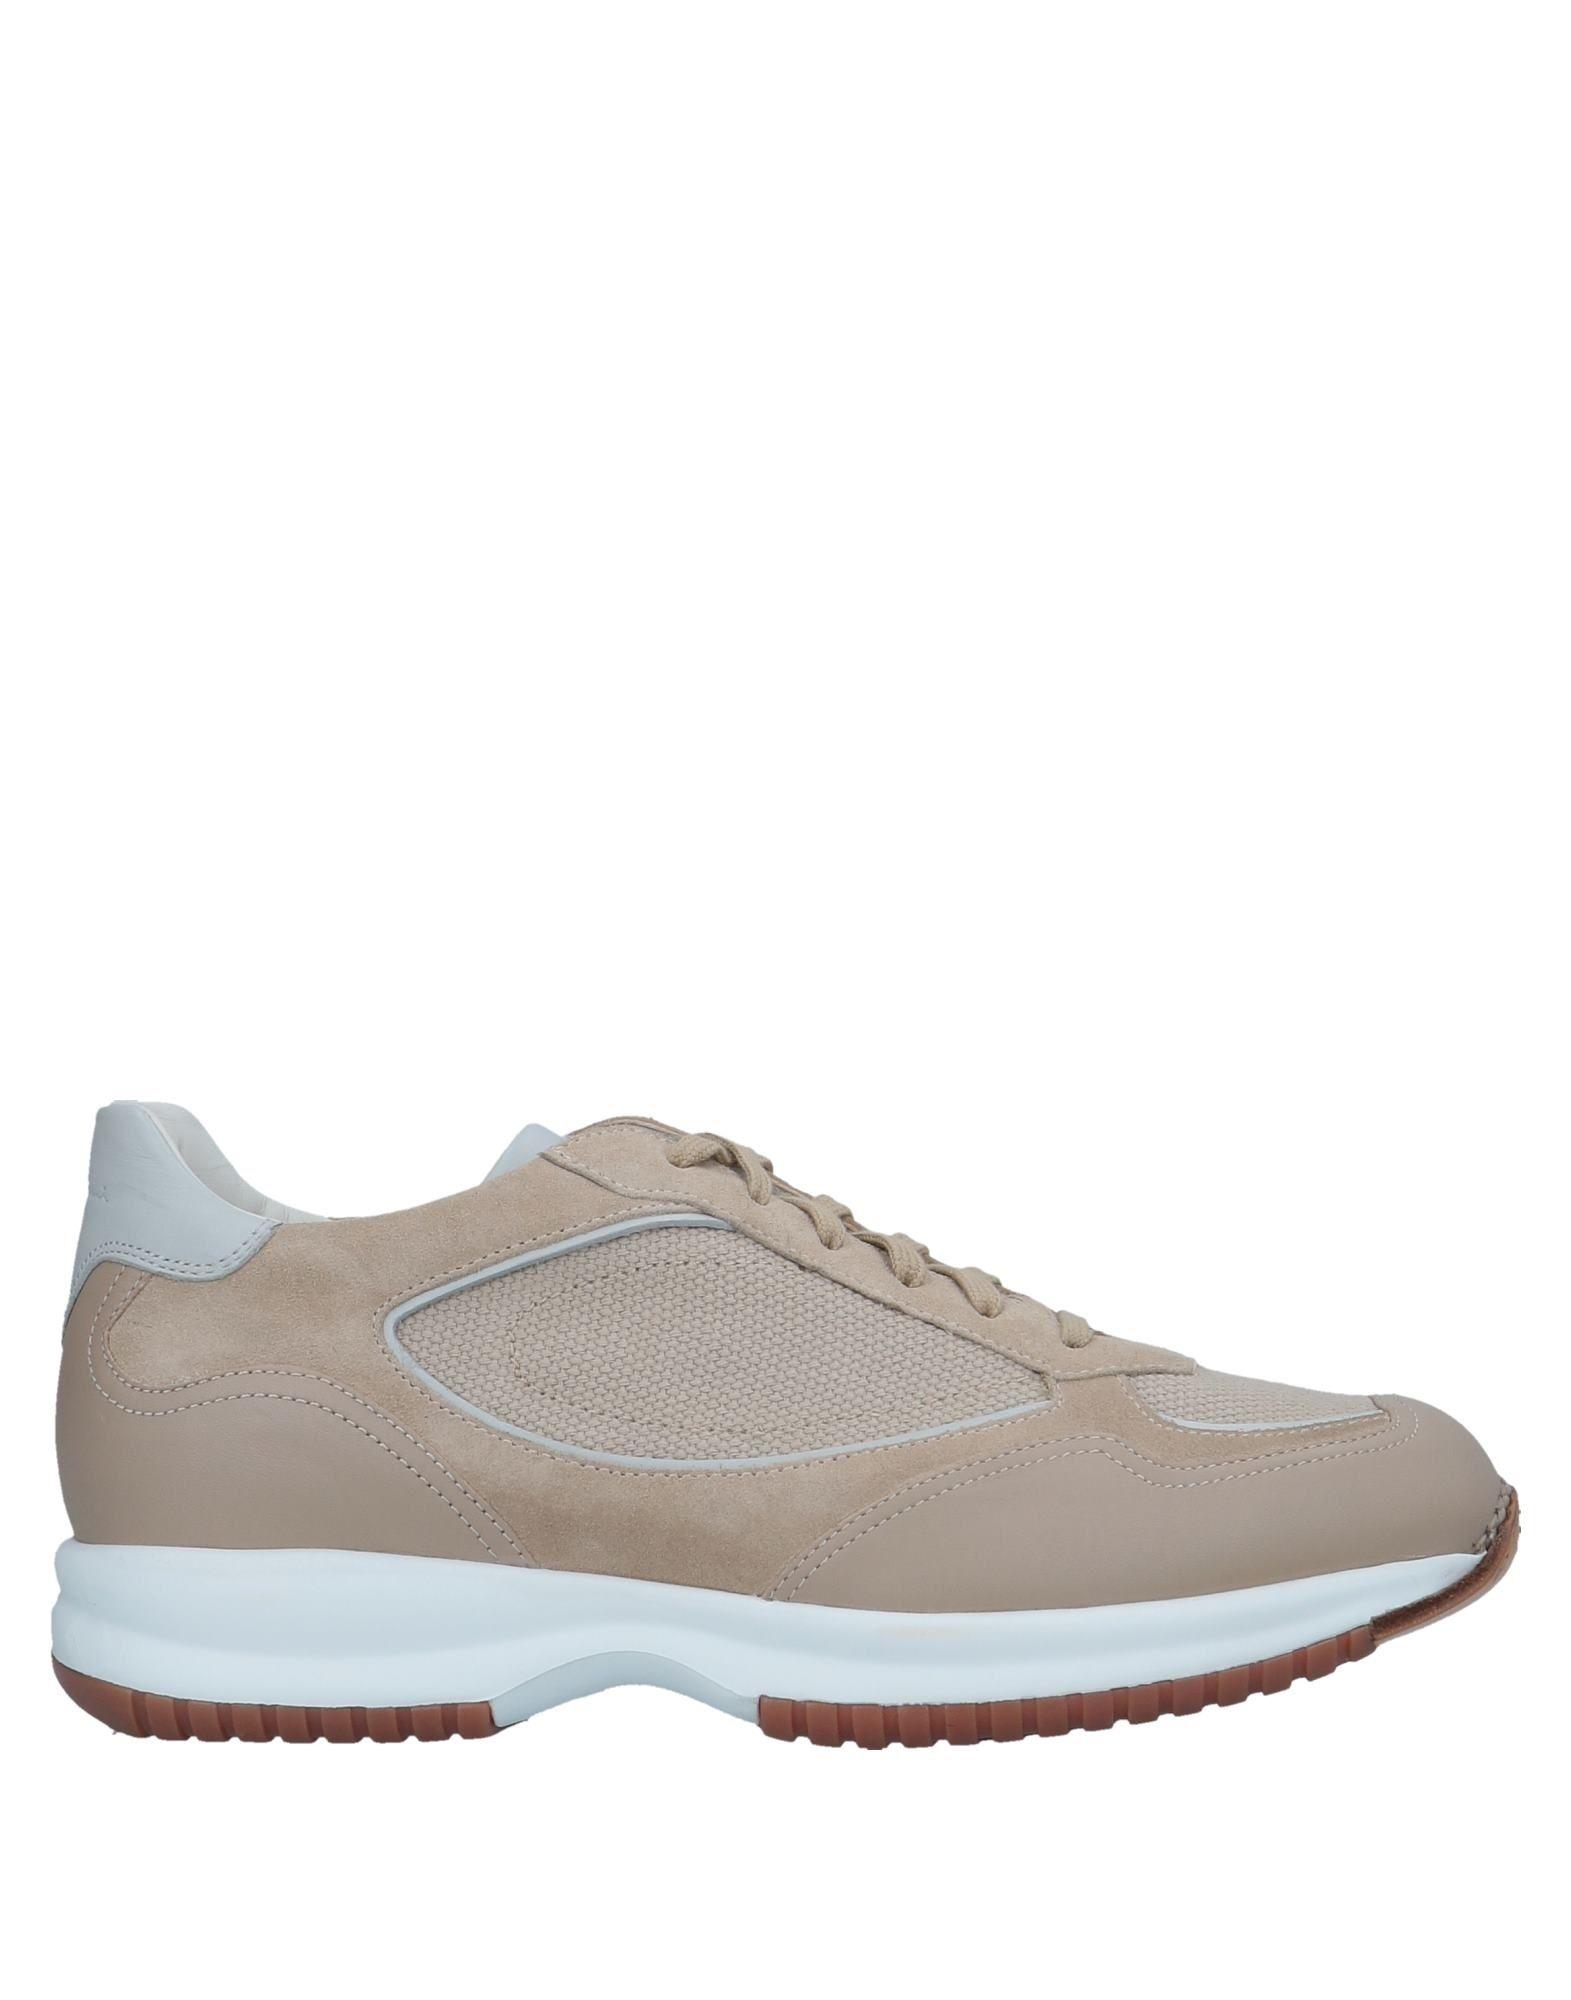 Santoni Sneakers Herren  11540135HQ Gute Qualität beliebte Schuhe